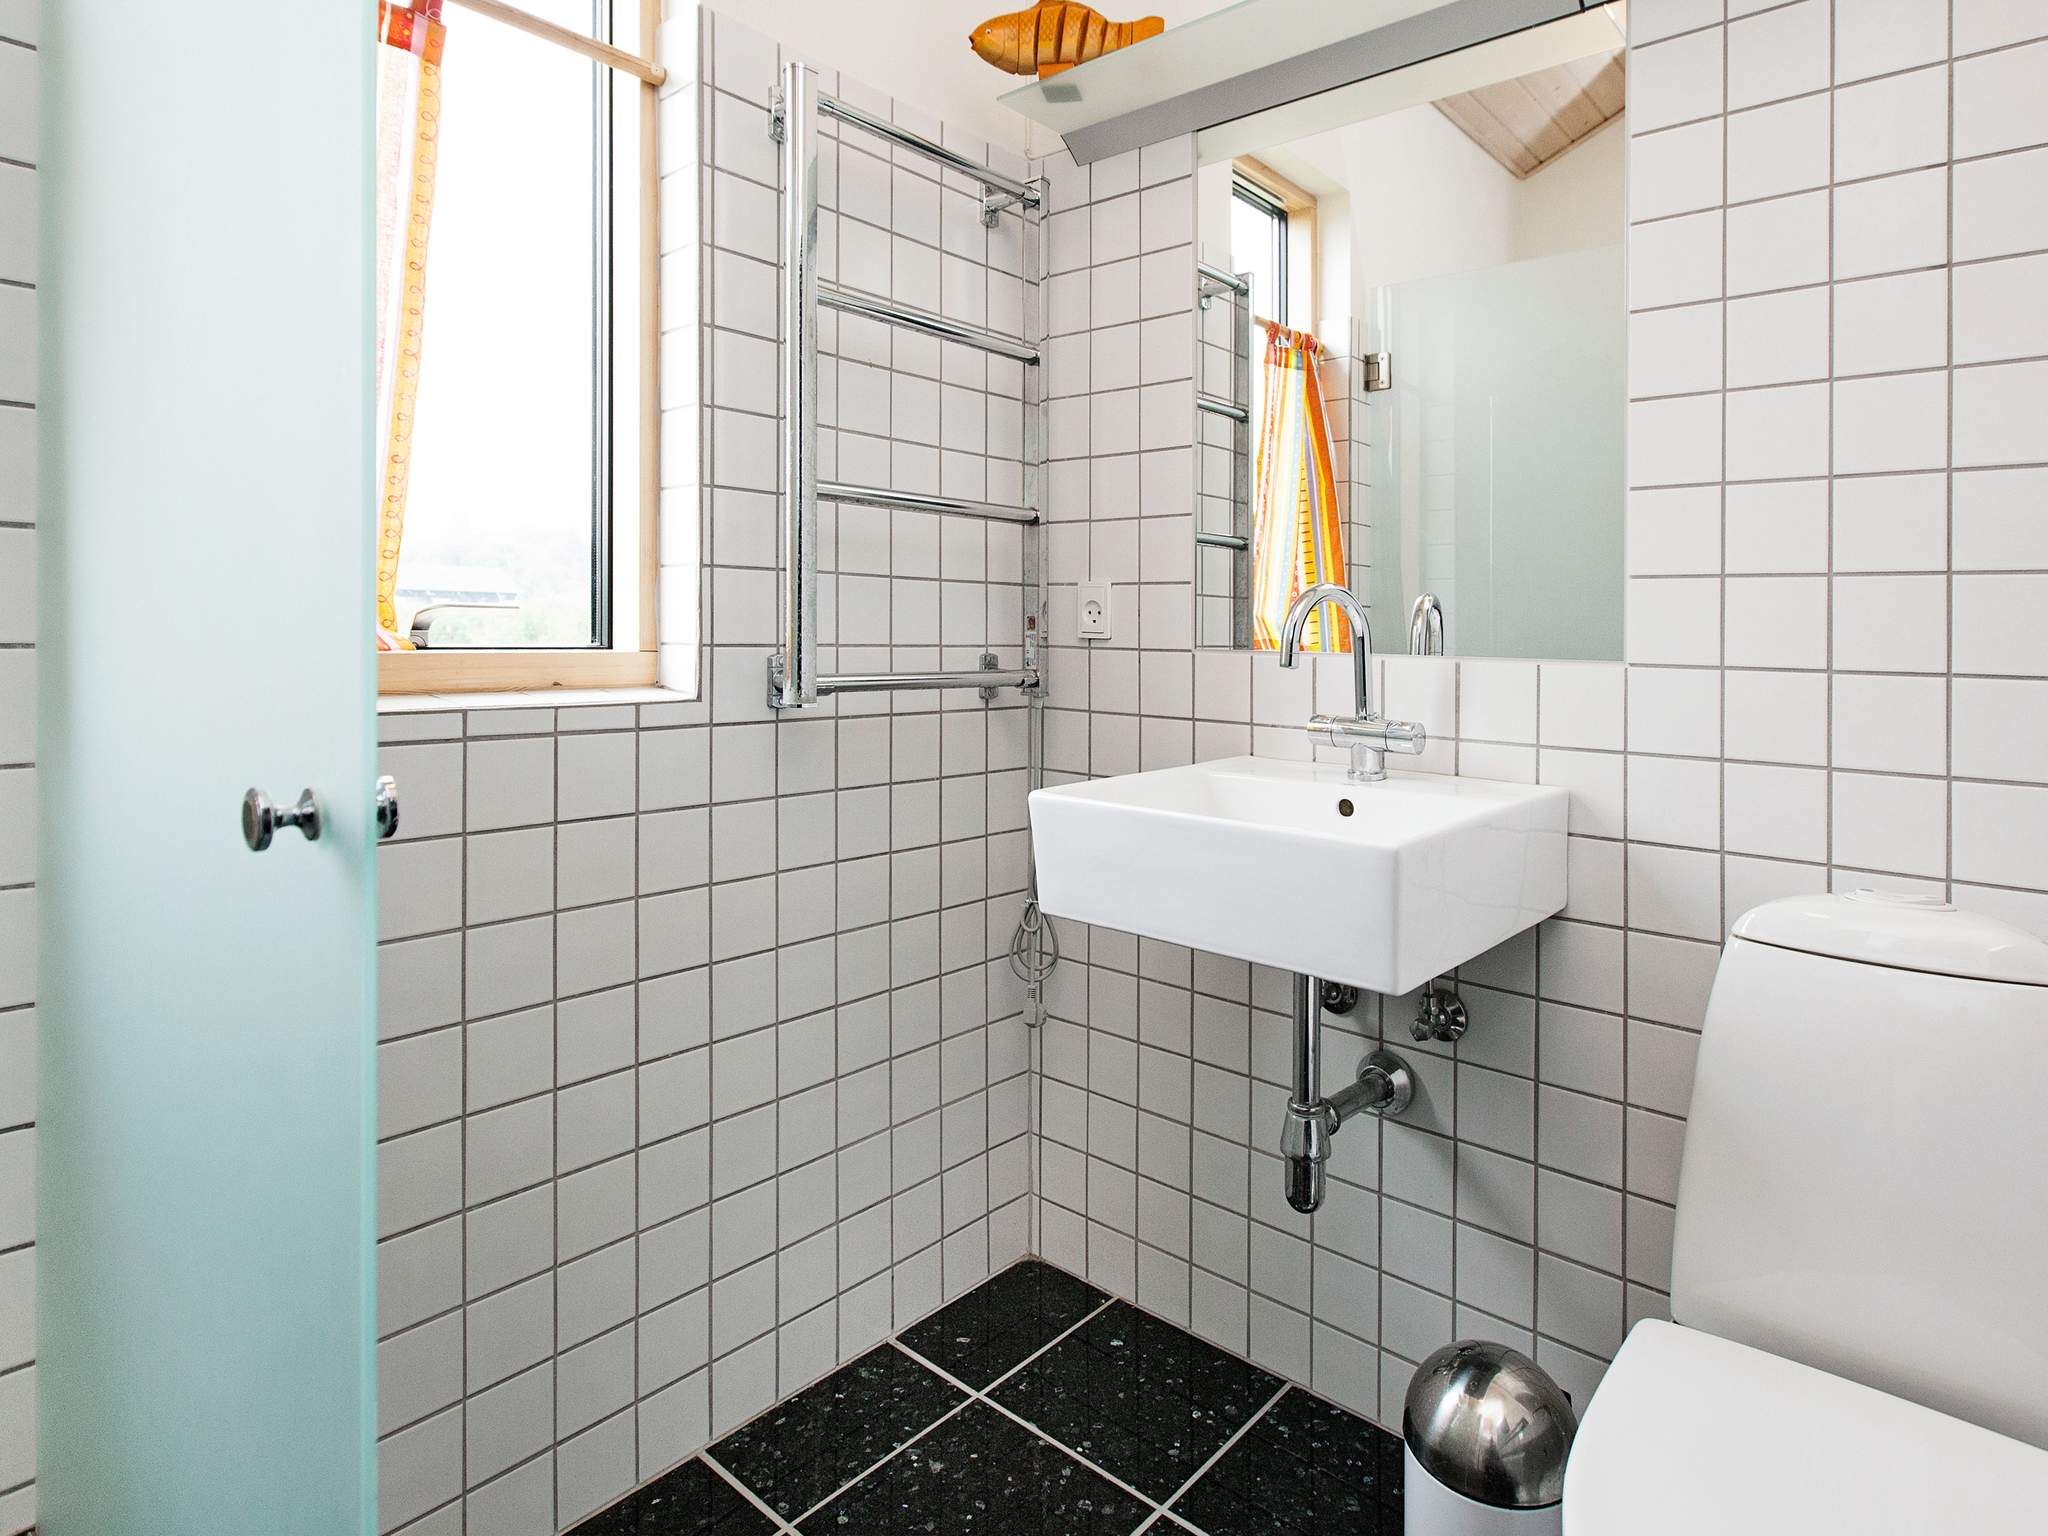 Ferienhaus Ulvshale (216908), Stege, , Møn, Dänemark, Bild 13